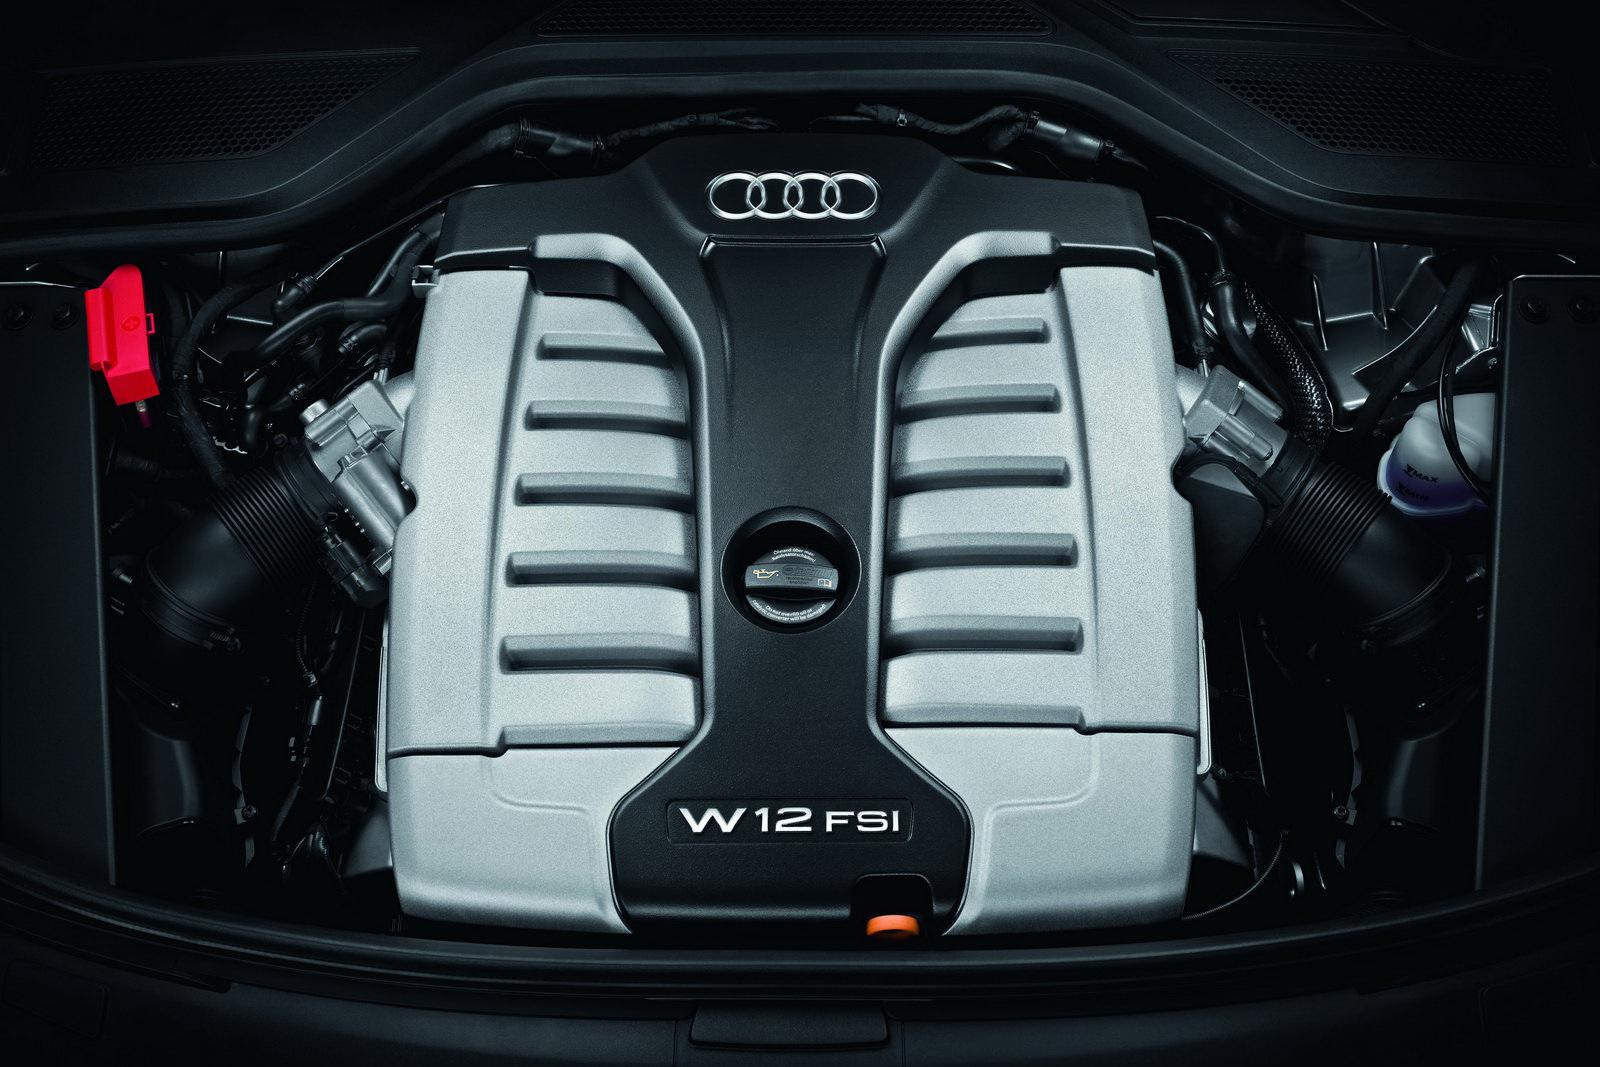 Audi a8 l 6 0 w12 quattro 2004 picture 3 of 5 rear angle image - Audi A8 L 6 0 W12 Quattro 2004 Picture 3 Of 5 Rear Angle Image 56